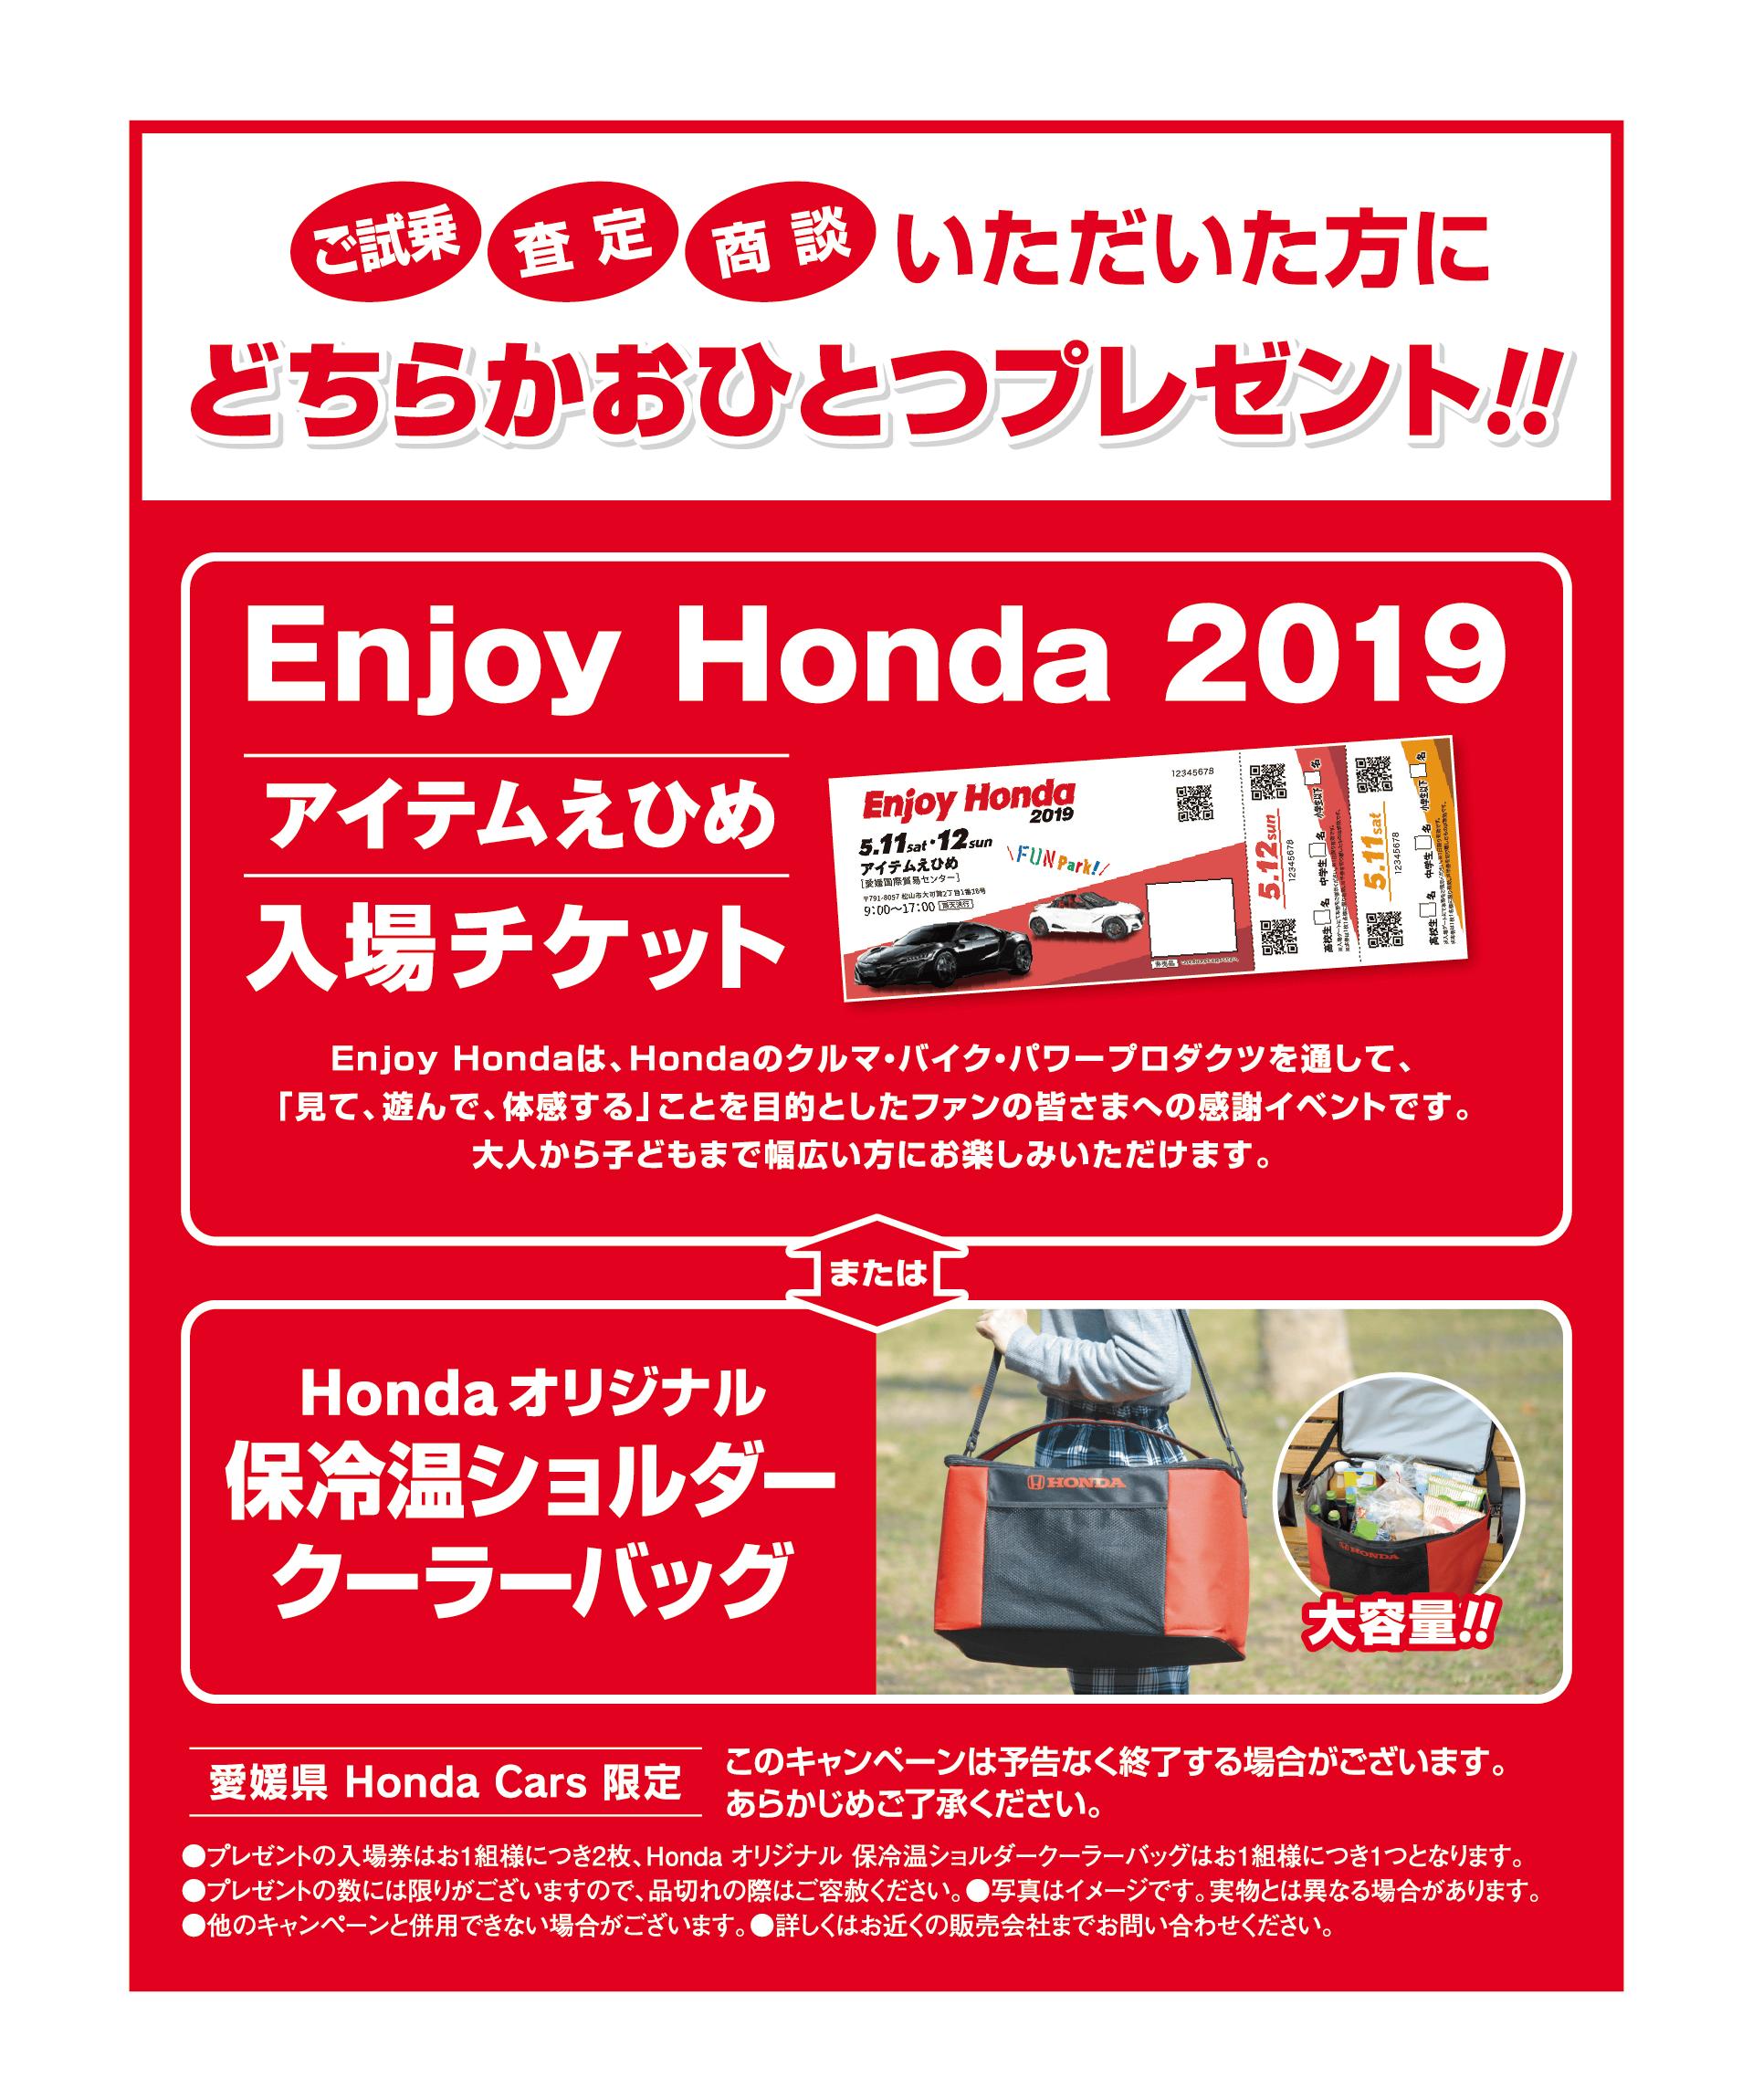 Enjoy Honda 2019 アイテムえひめ 入場チケット または Honda オリジナル 保冷温ショルダークーラーバッグ プレゼント